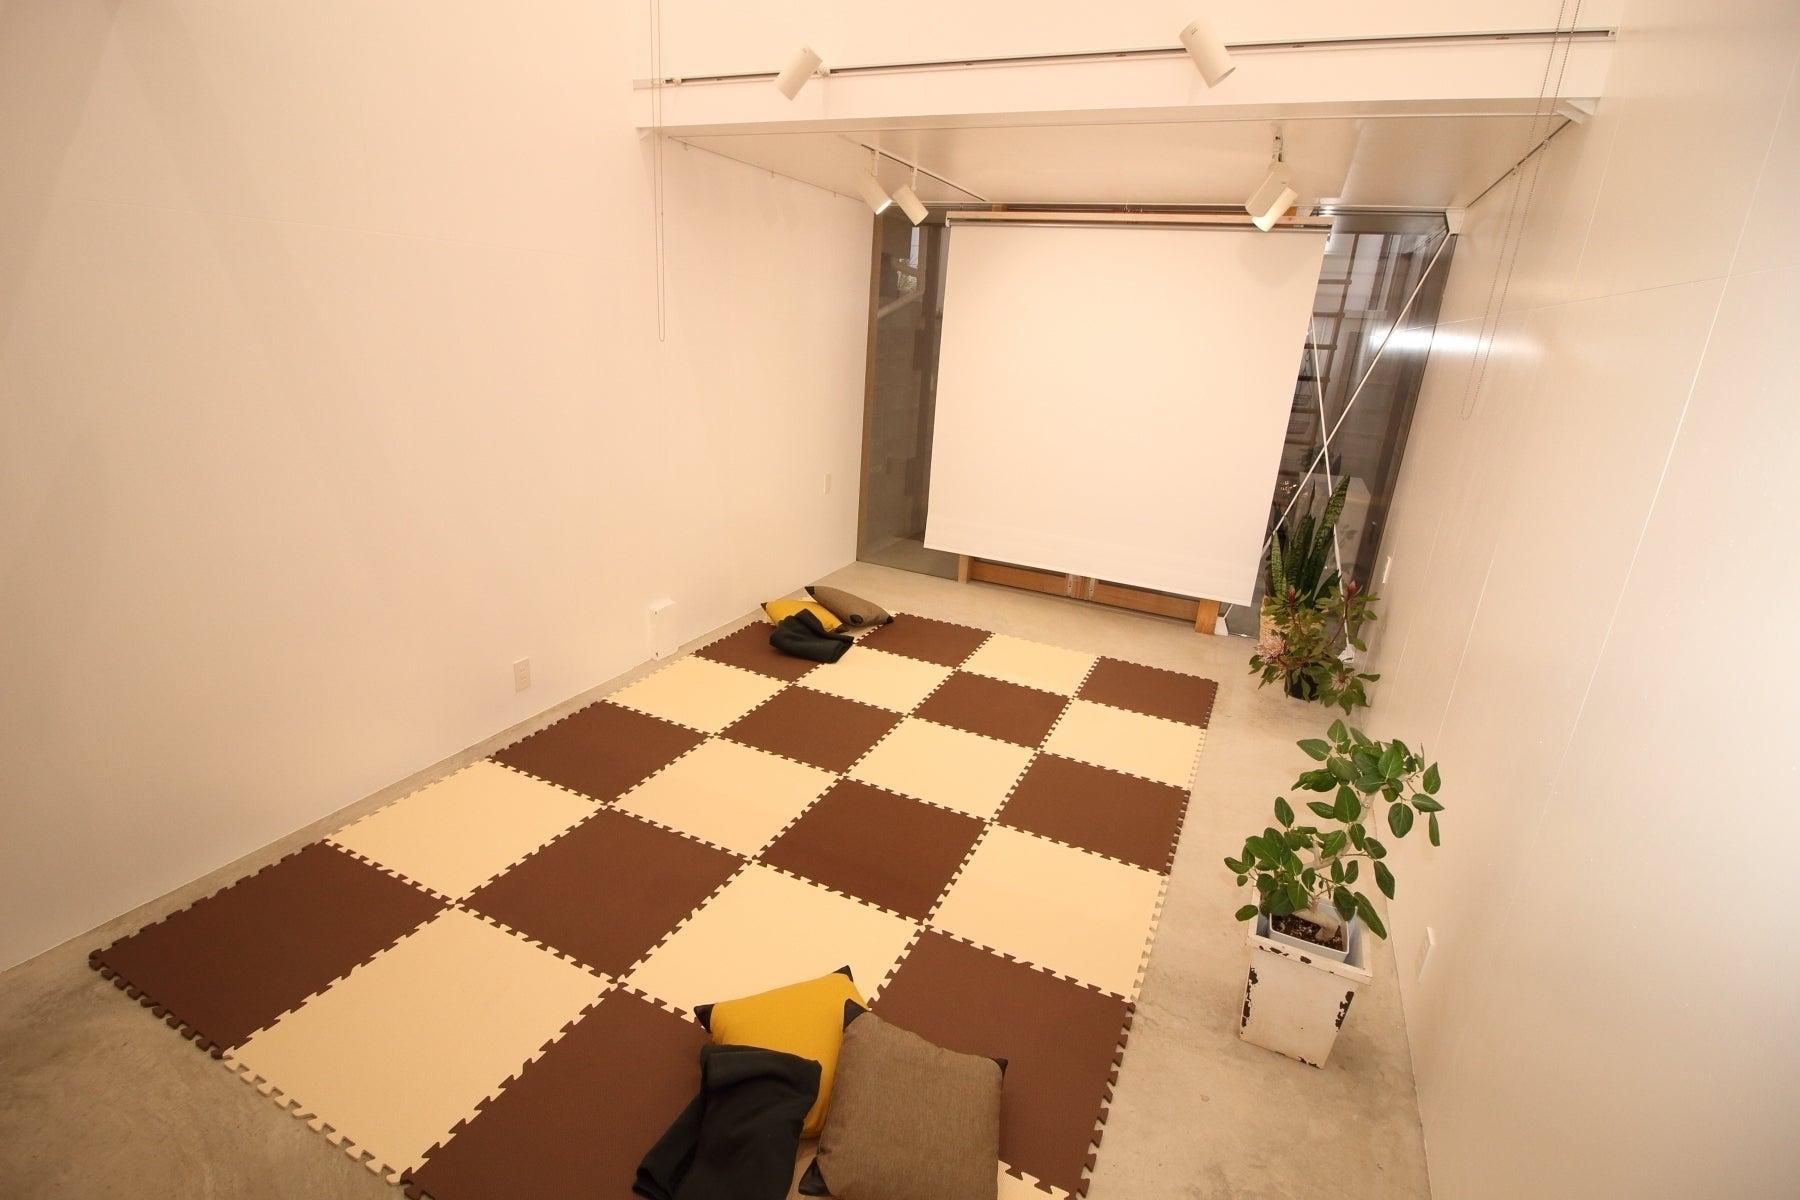 「吹き抜けギャラリースペース」プライベートパーティー・ギャラリー・撮影・会議に MFS room の写真